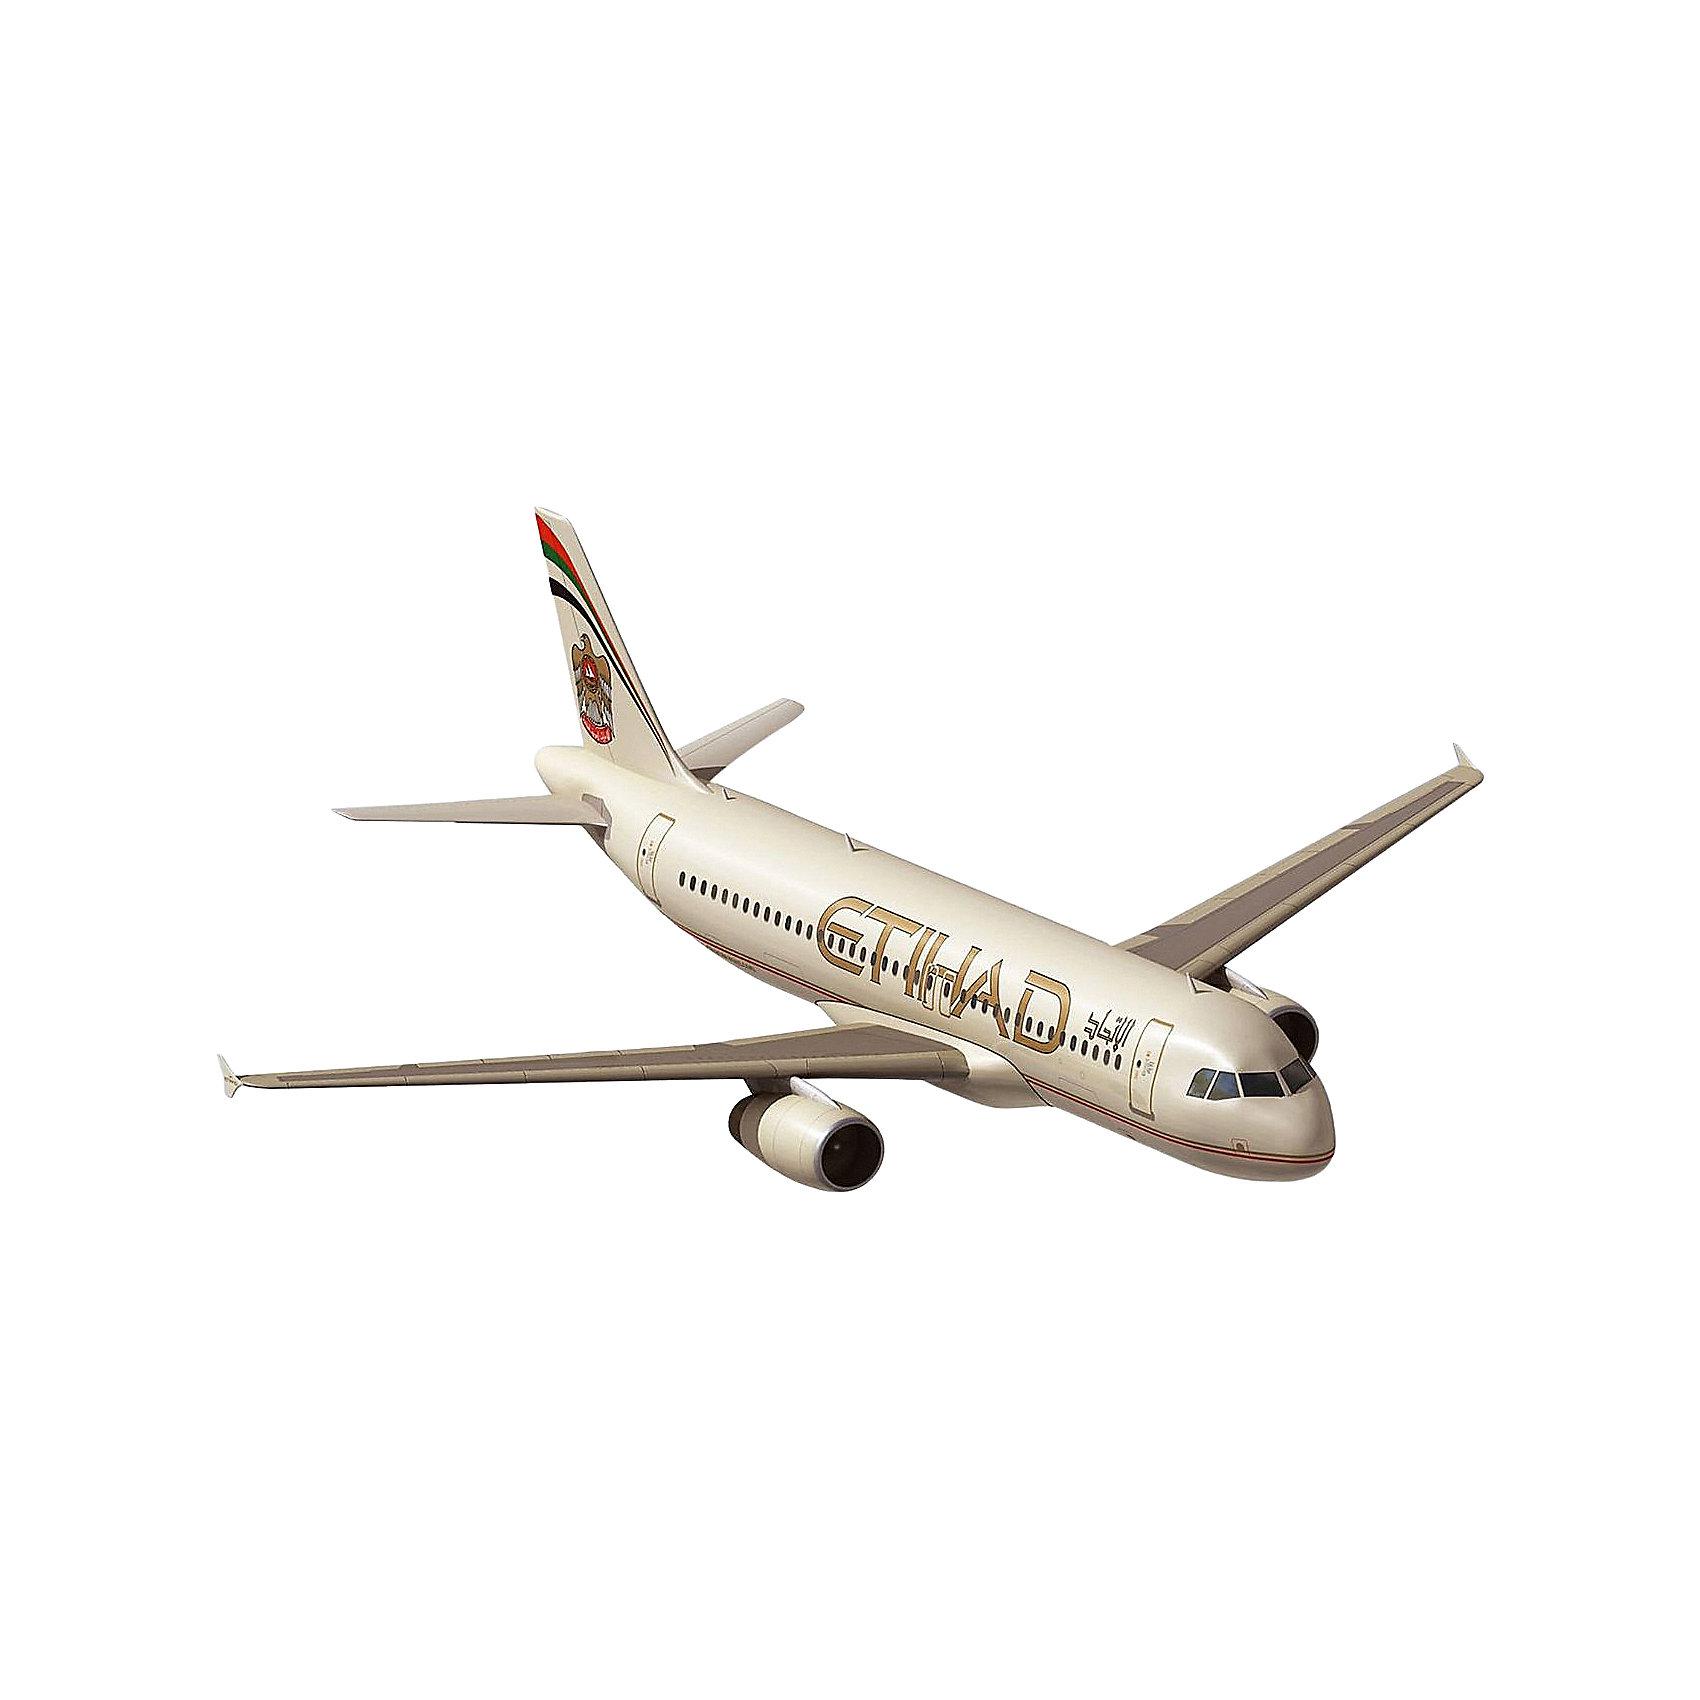 Самолет Airbus A320 EtihadМодели для склеивания<br>Обновленная модель пассажирского лайнера Airbus 320 от Ревелл. На этот раз с ливреей авиакомпании Etihad Airways (ОАЭ).  <br>Модель выполнена в классическом для гражданской авиации масштабе 1:144. Материал – пластик. Для склеивания деталей отлично подойдет клей для пластика от Ревелл. Собранную модель рекомендуется красить акриловыми или эмалевыми красками.  <br>В комплекте присутствует декаль для создания ливреи Etihad Airways. Декаль следует наносить на высохшую краску. Для лучшего результата наносить декали рекомендуется на глянцевую поверхность. Результат следует защищать лаком.<br>Расходные материалы в набор не входят. Их необходимо приобрести отдельно. <br>Масштаб модели 1/144 <br>Длина модели в собранном виде: 26 сантиметров <br>Размах крыльев: 23 сантиметров <br>Количество деталей: 60 <br>Модель рекомендуется для взрослых и детей в возрасте от 12 лет.<br><br>Ширина мм: 353<br>Глубина мм: 215<br>Высота мм: 48<br>Вес г: 236<br>Возраст от месяцев: 168<br>Возраст до месяцев: 228<br>Пол: Мужской<br>Возраст: Детский<br>SKU: 4125560